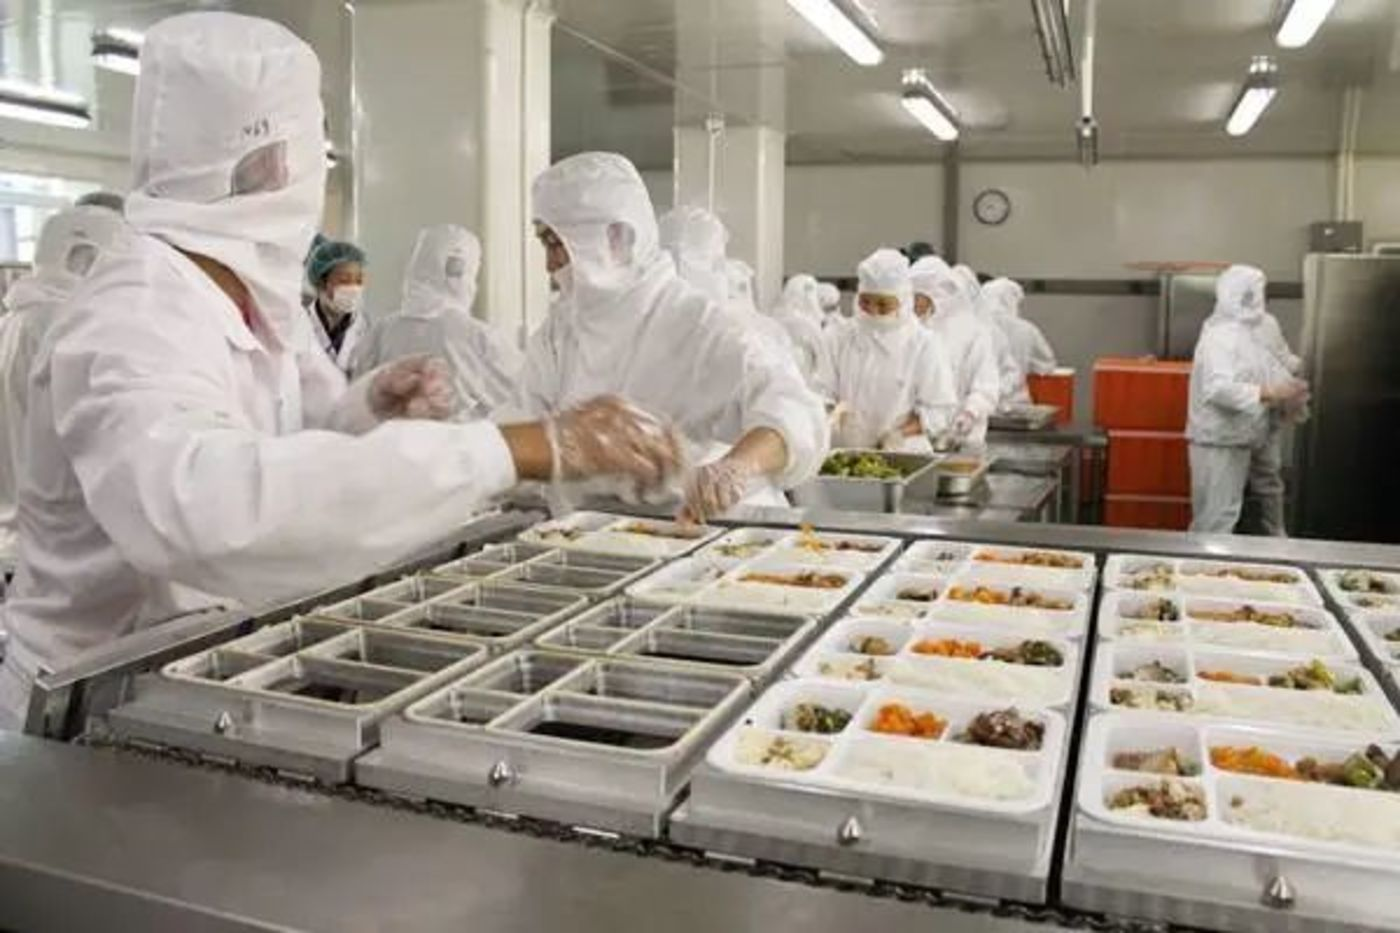 中央厨房已经是连锁大型餐饮品牌的标准配置